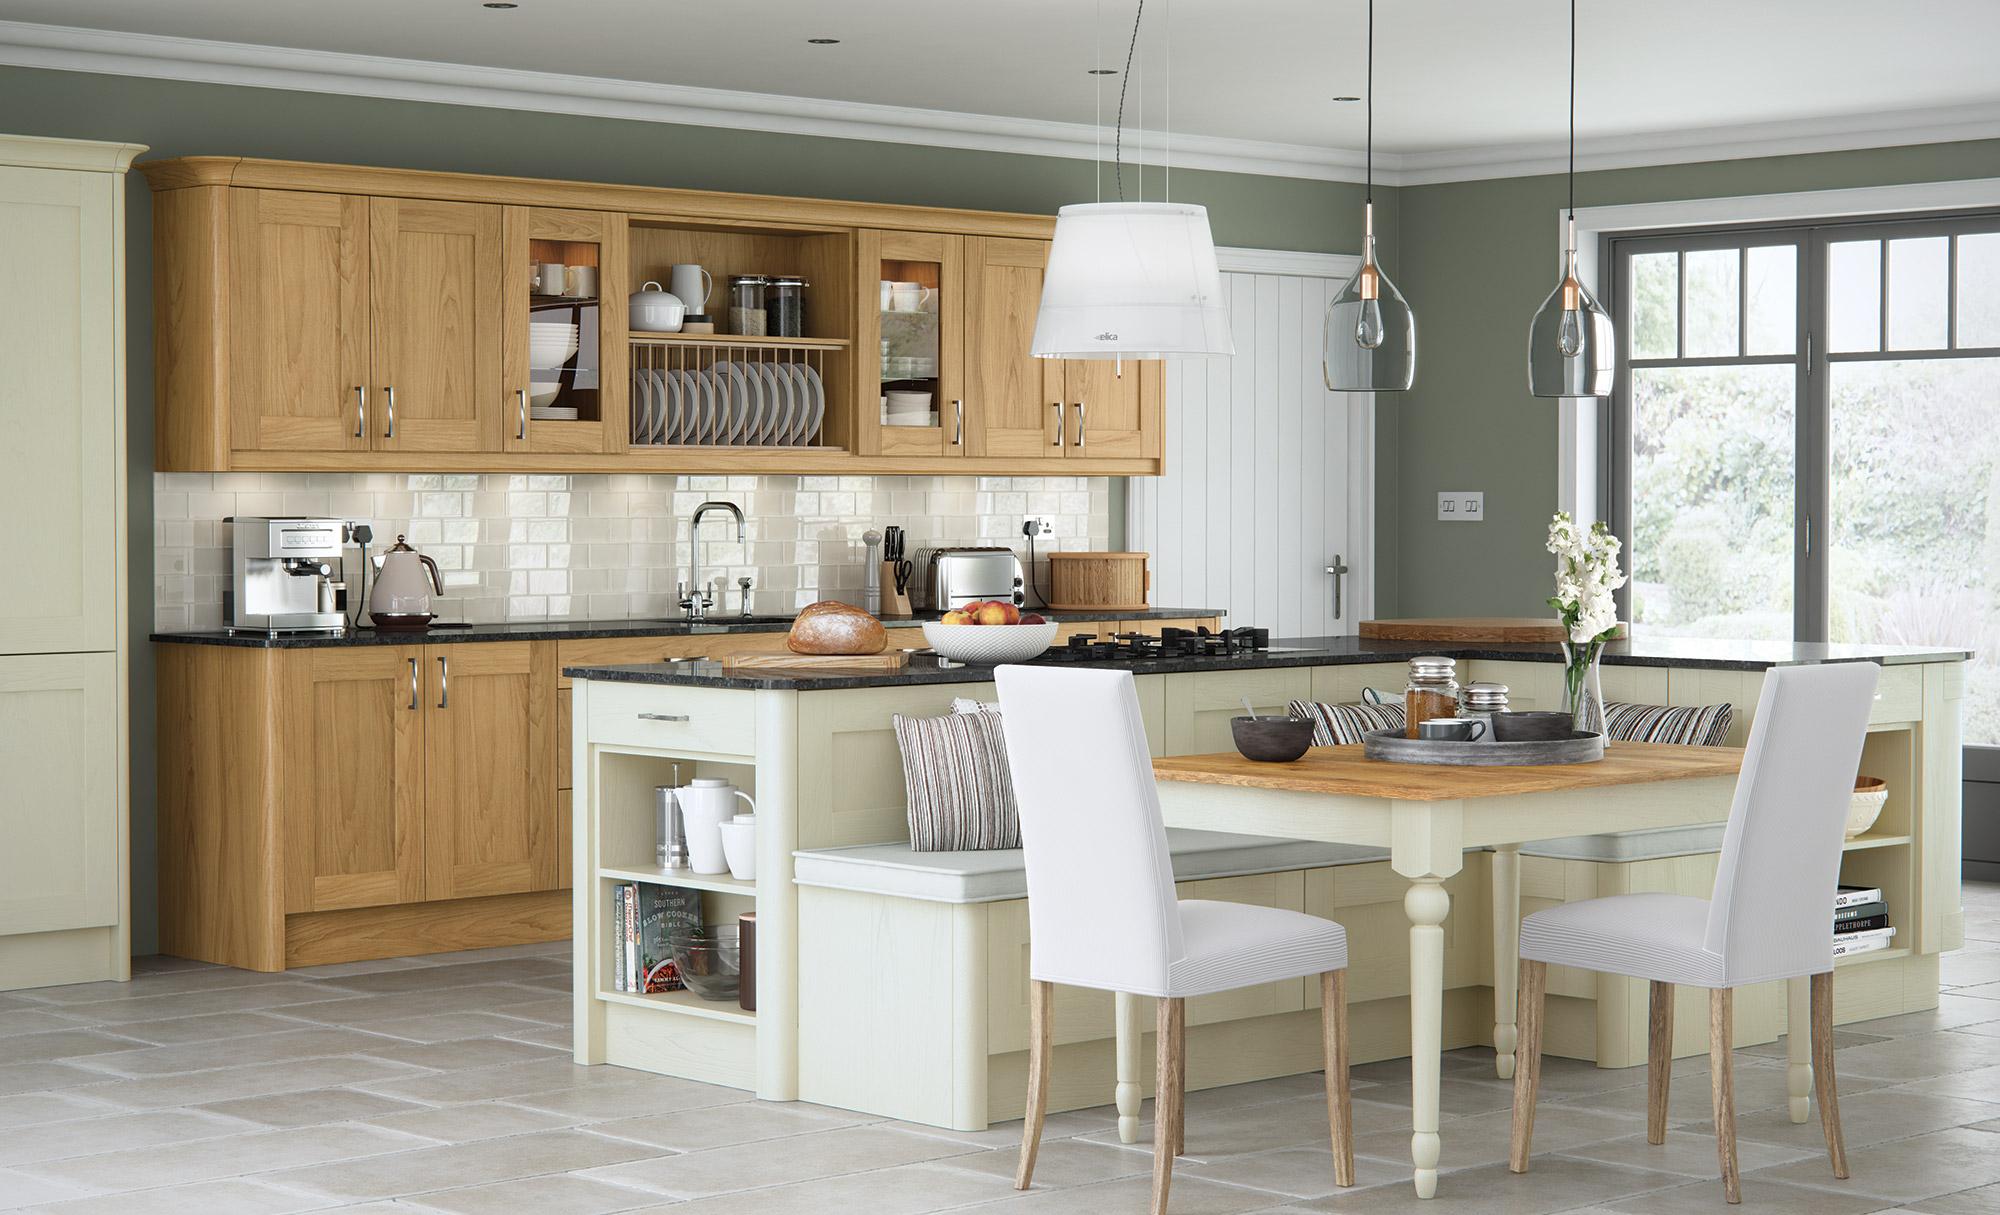 Kitchen Stori Contemporary Chic KitchenCraft